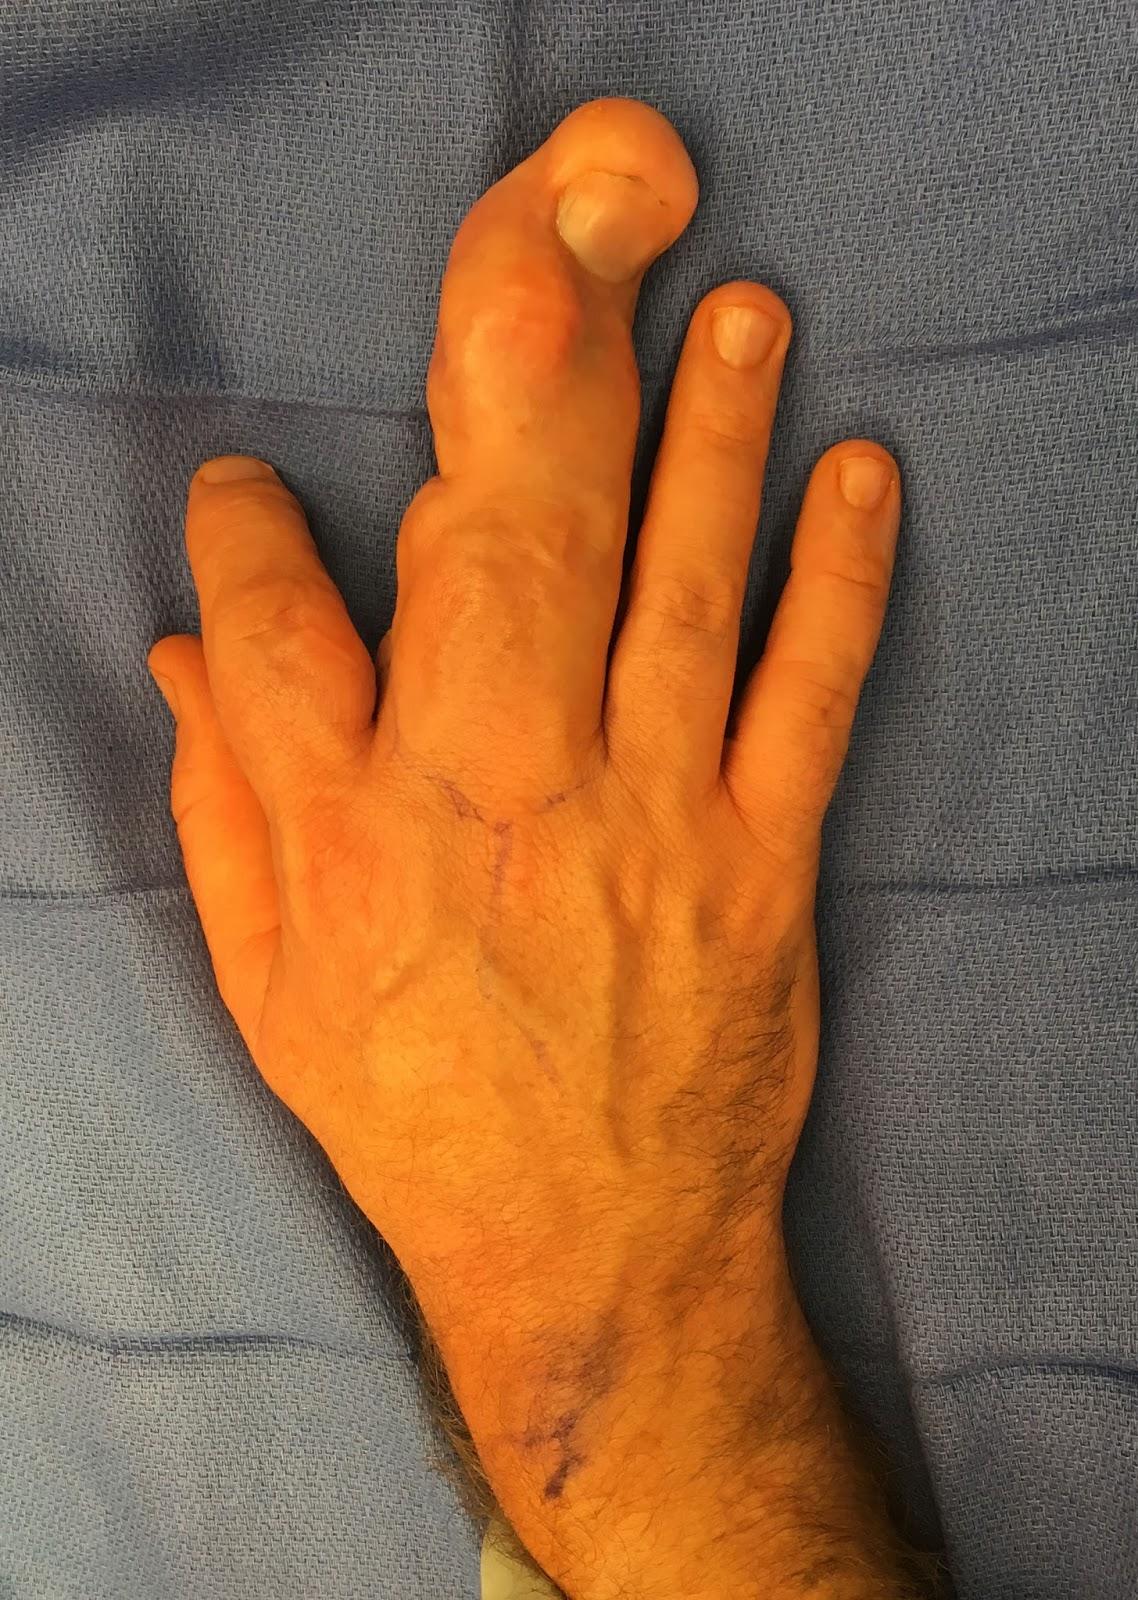 Index Finger To Ring Finger